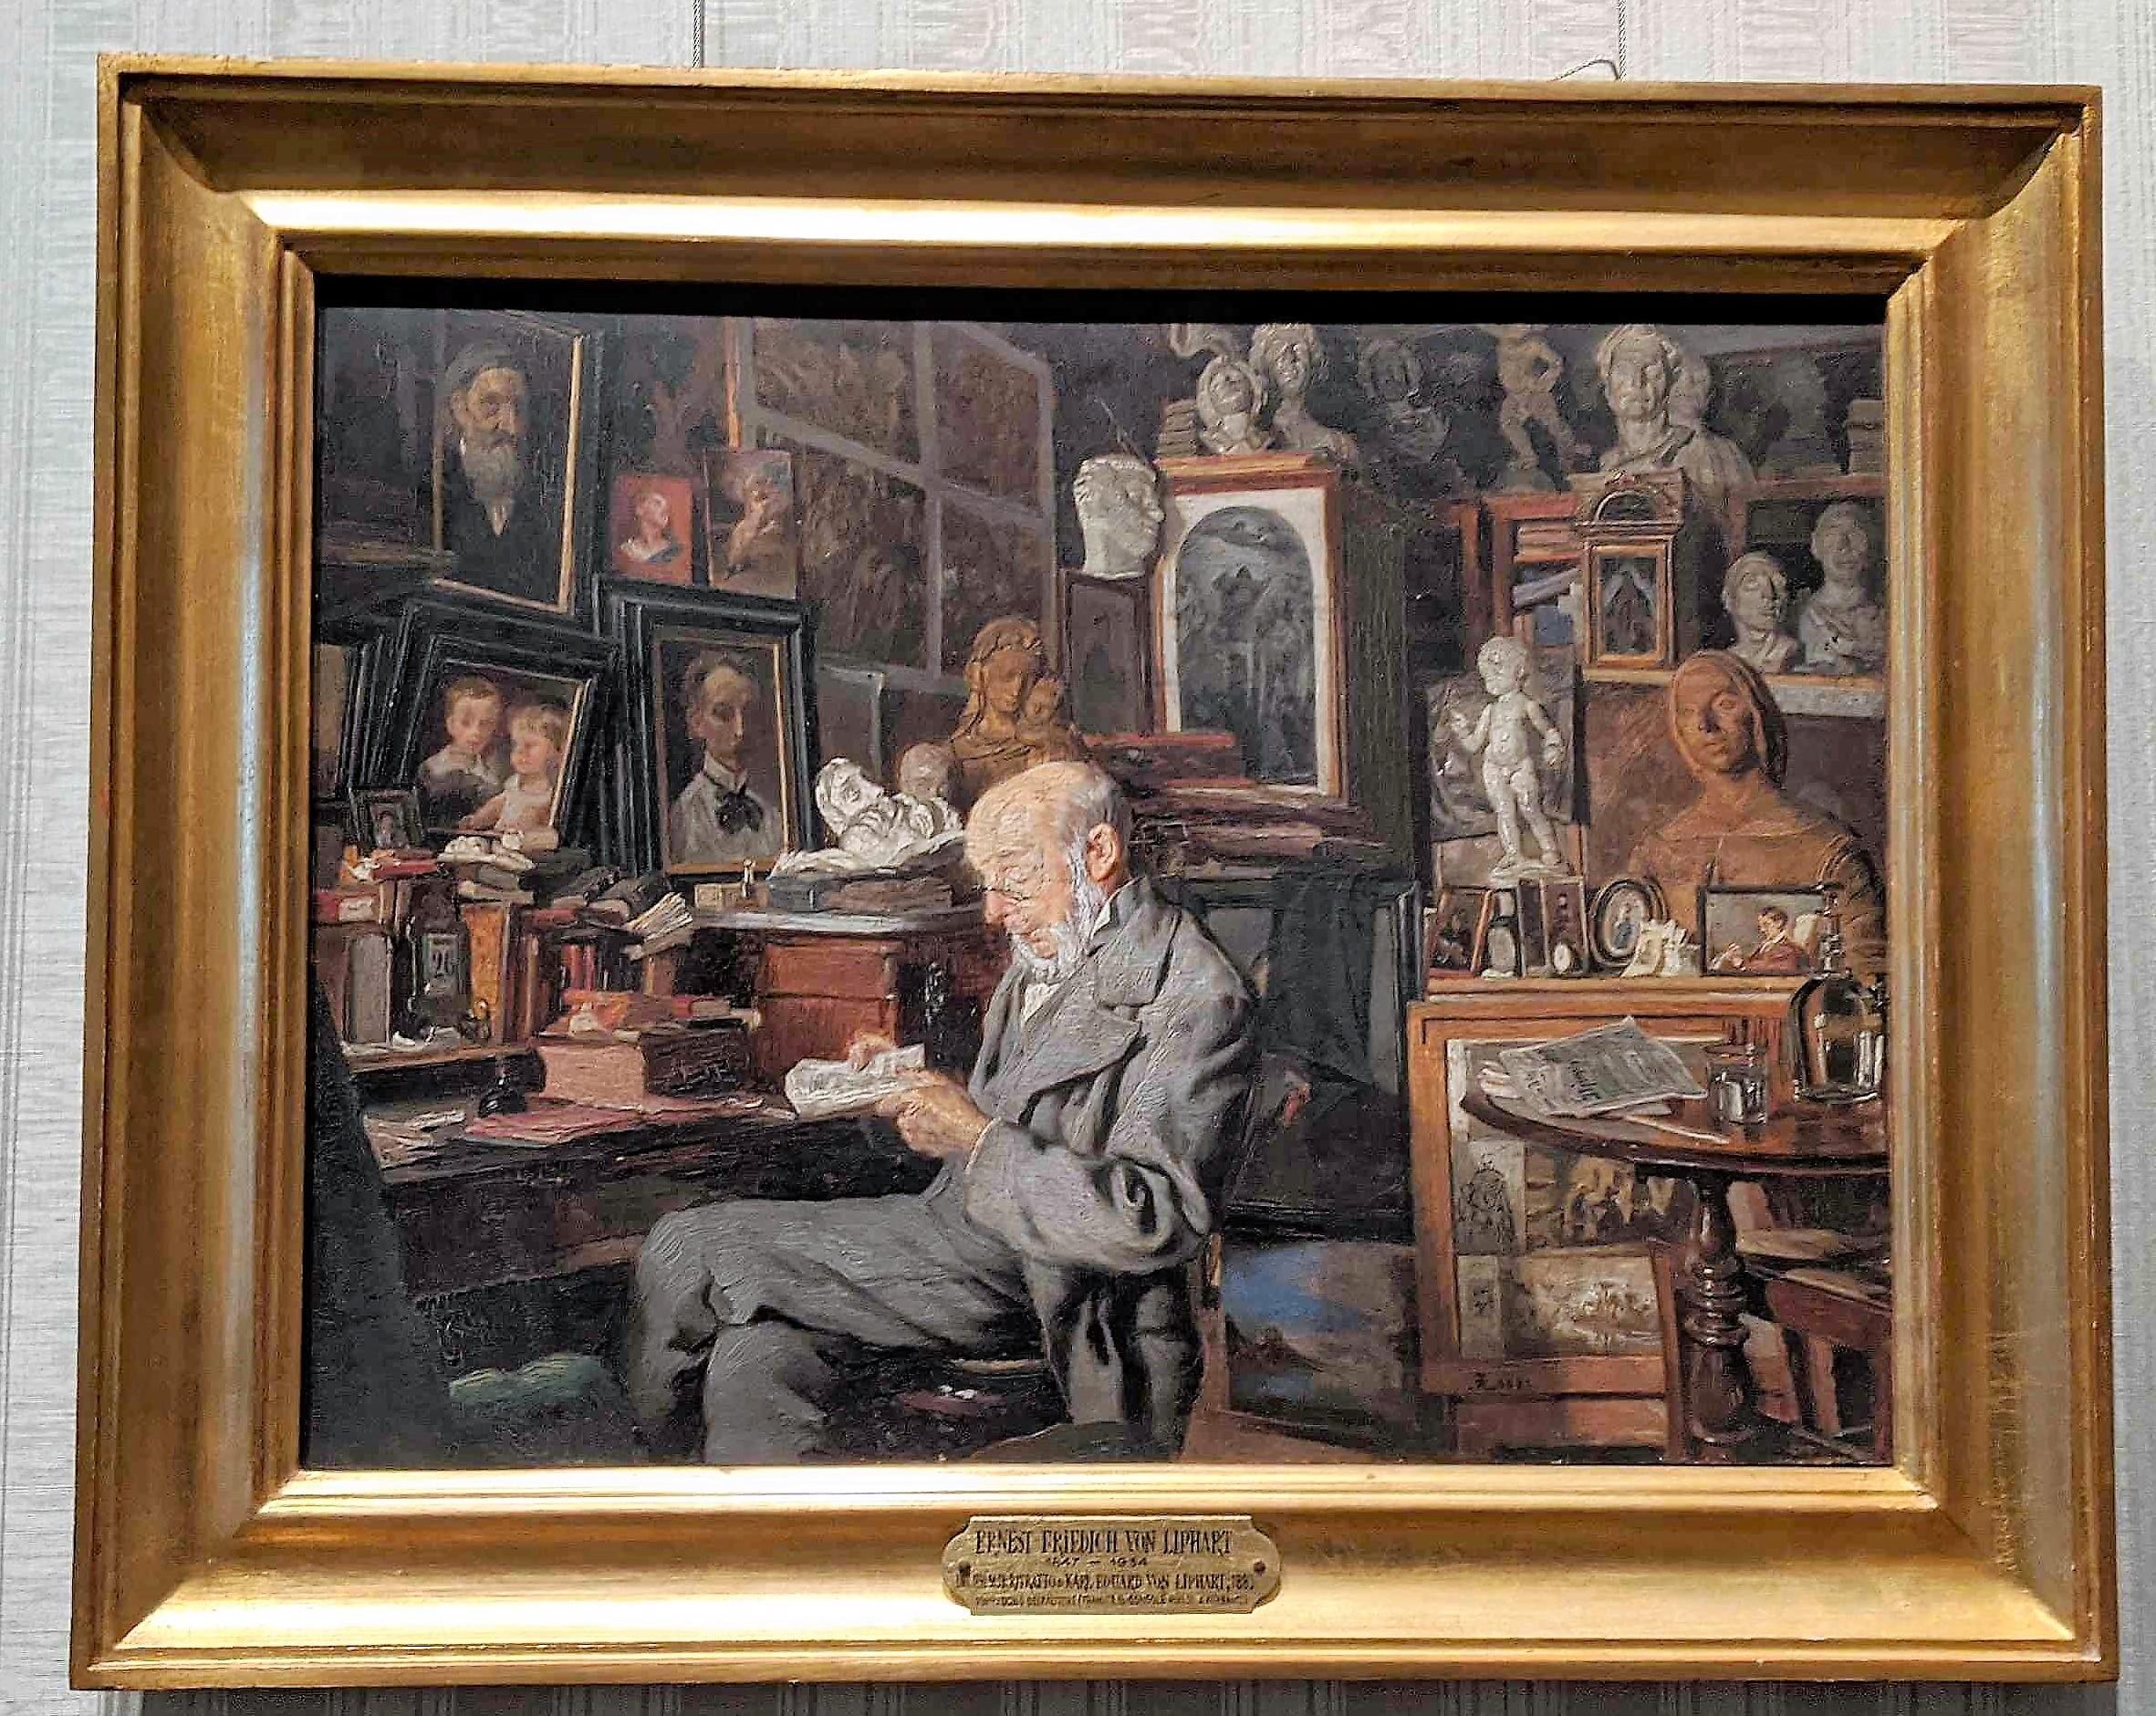 Ritratto di Karl Eduard von Liphard by Ernst Friedich von Liphart